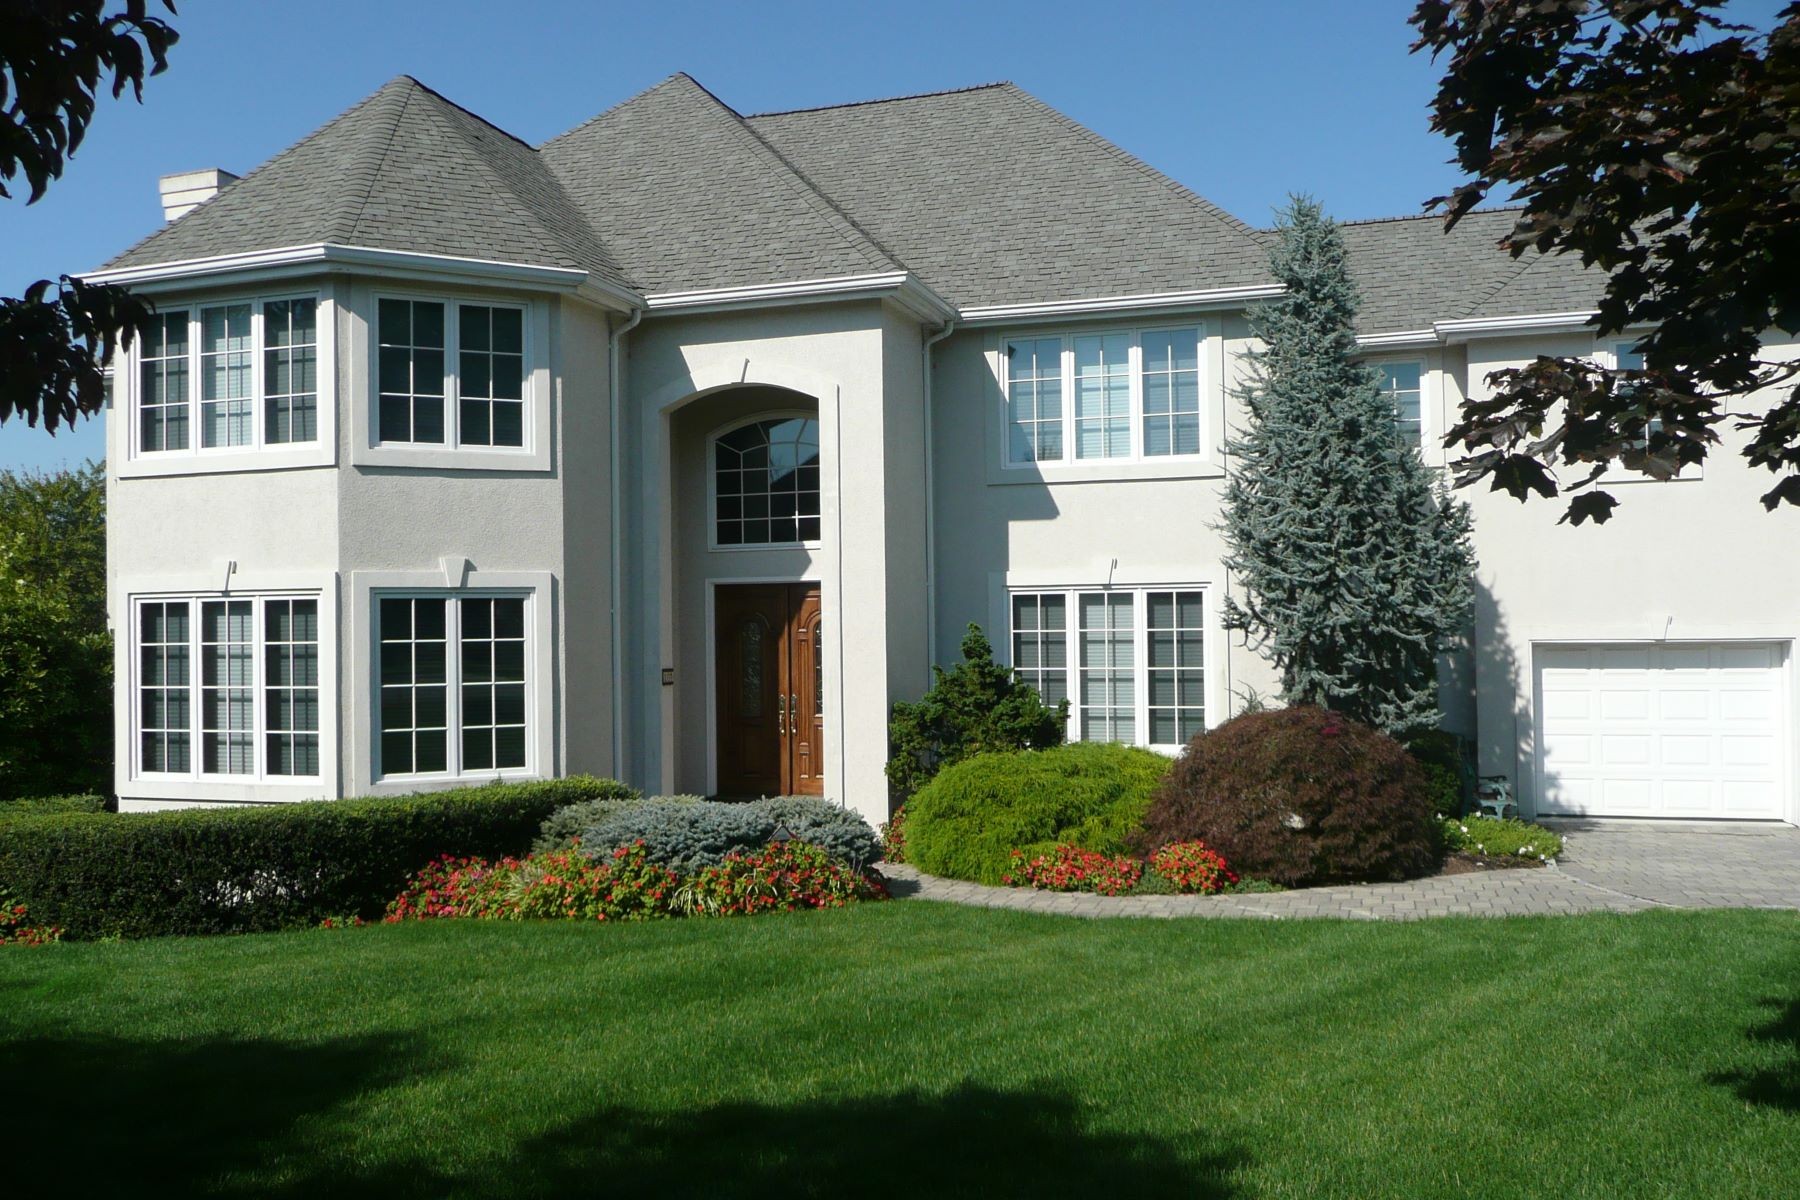 Частный односемейный дом для того Продажа на Modern & Classic 10 Blackledge Ct Closter, Нью-Джерси 07626 Соединенные Штаты